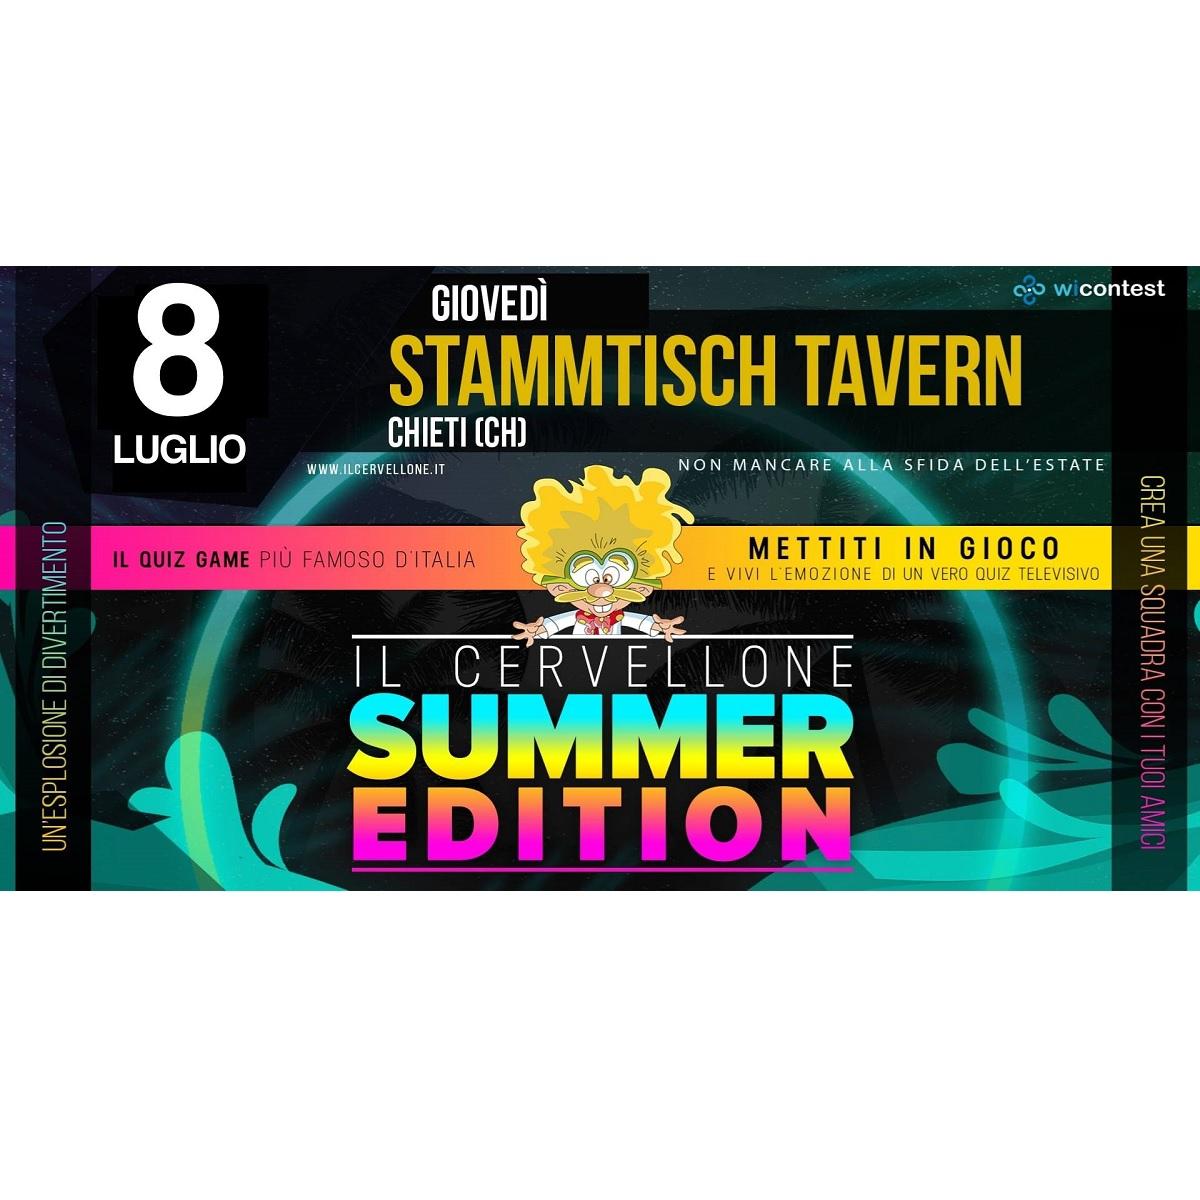 Il Cervellone allo Stammtisch Tavern 8 luglio 2021 foto